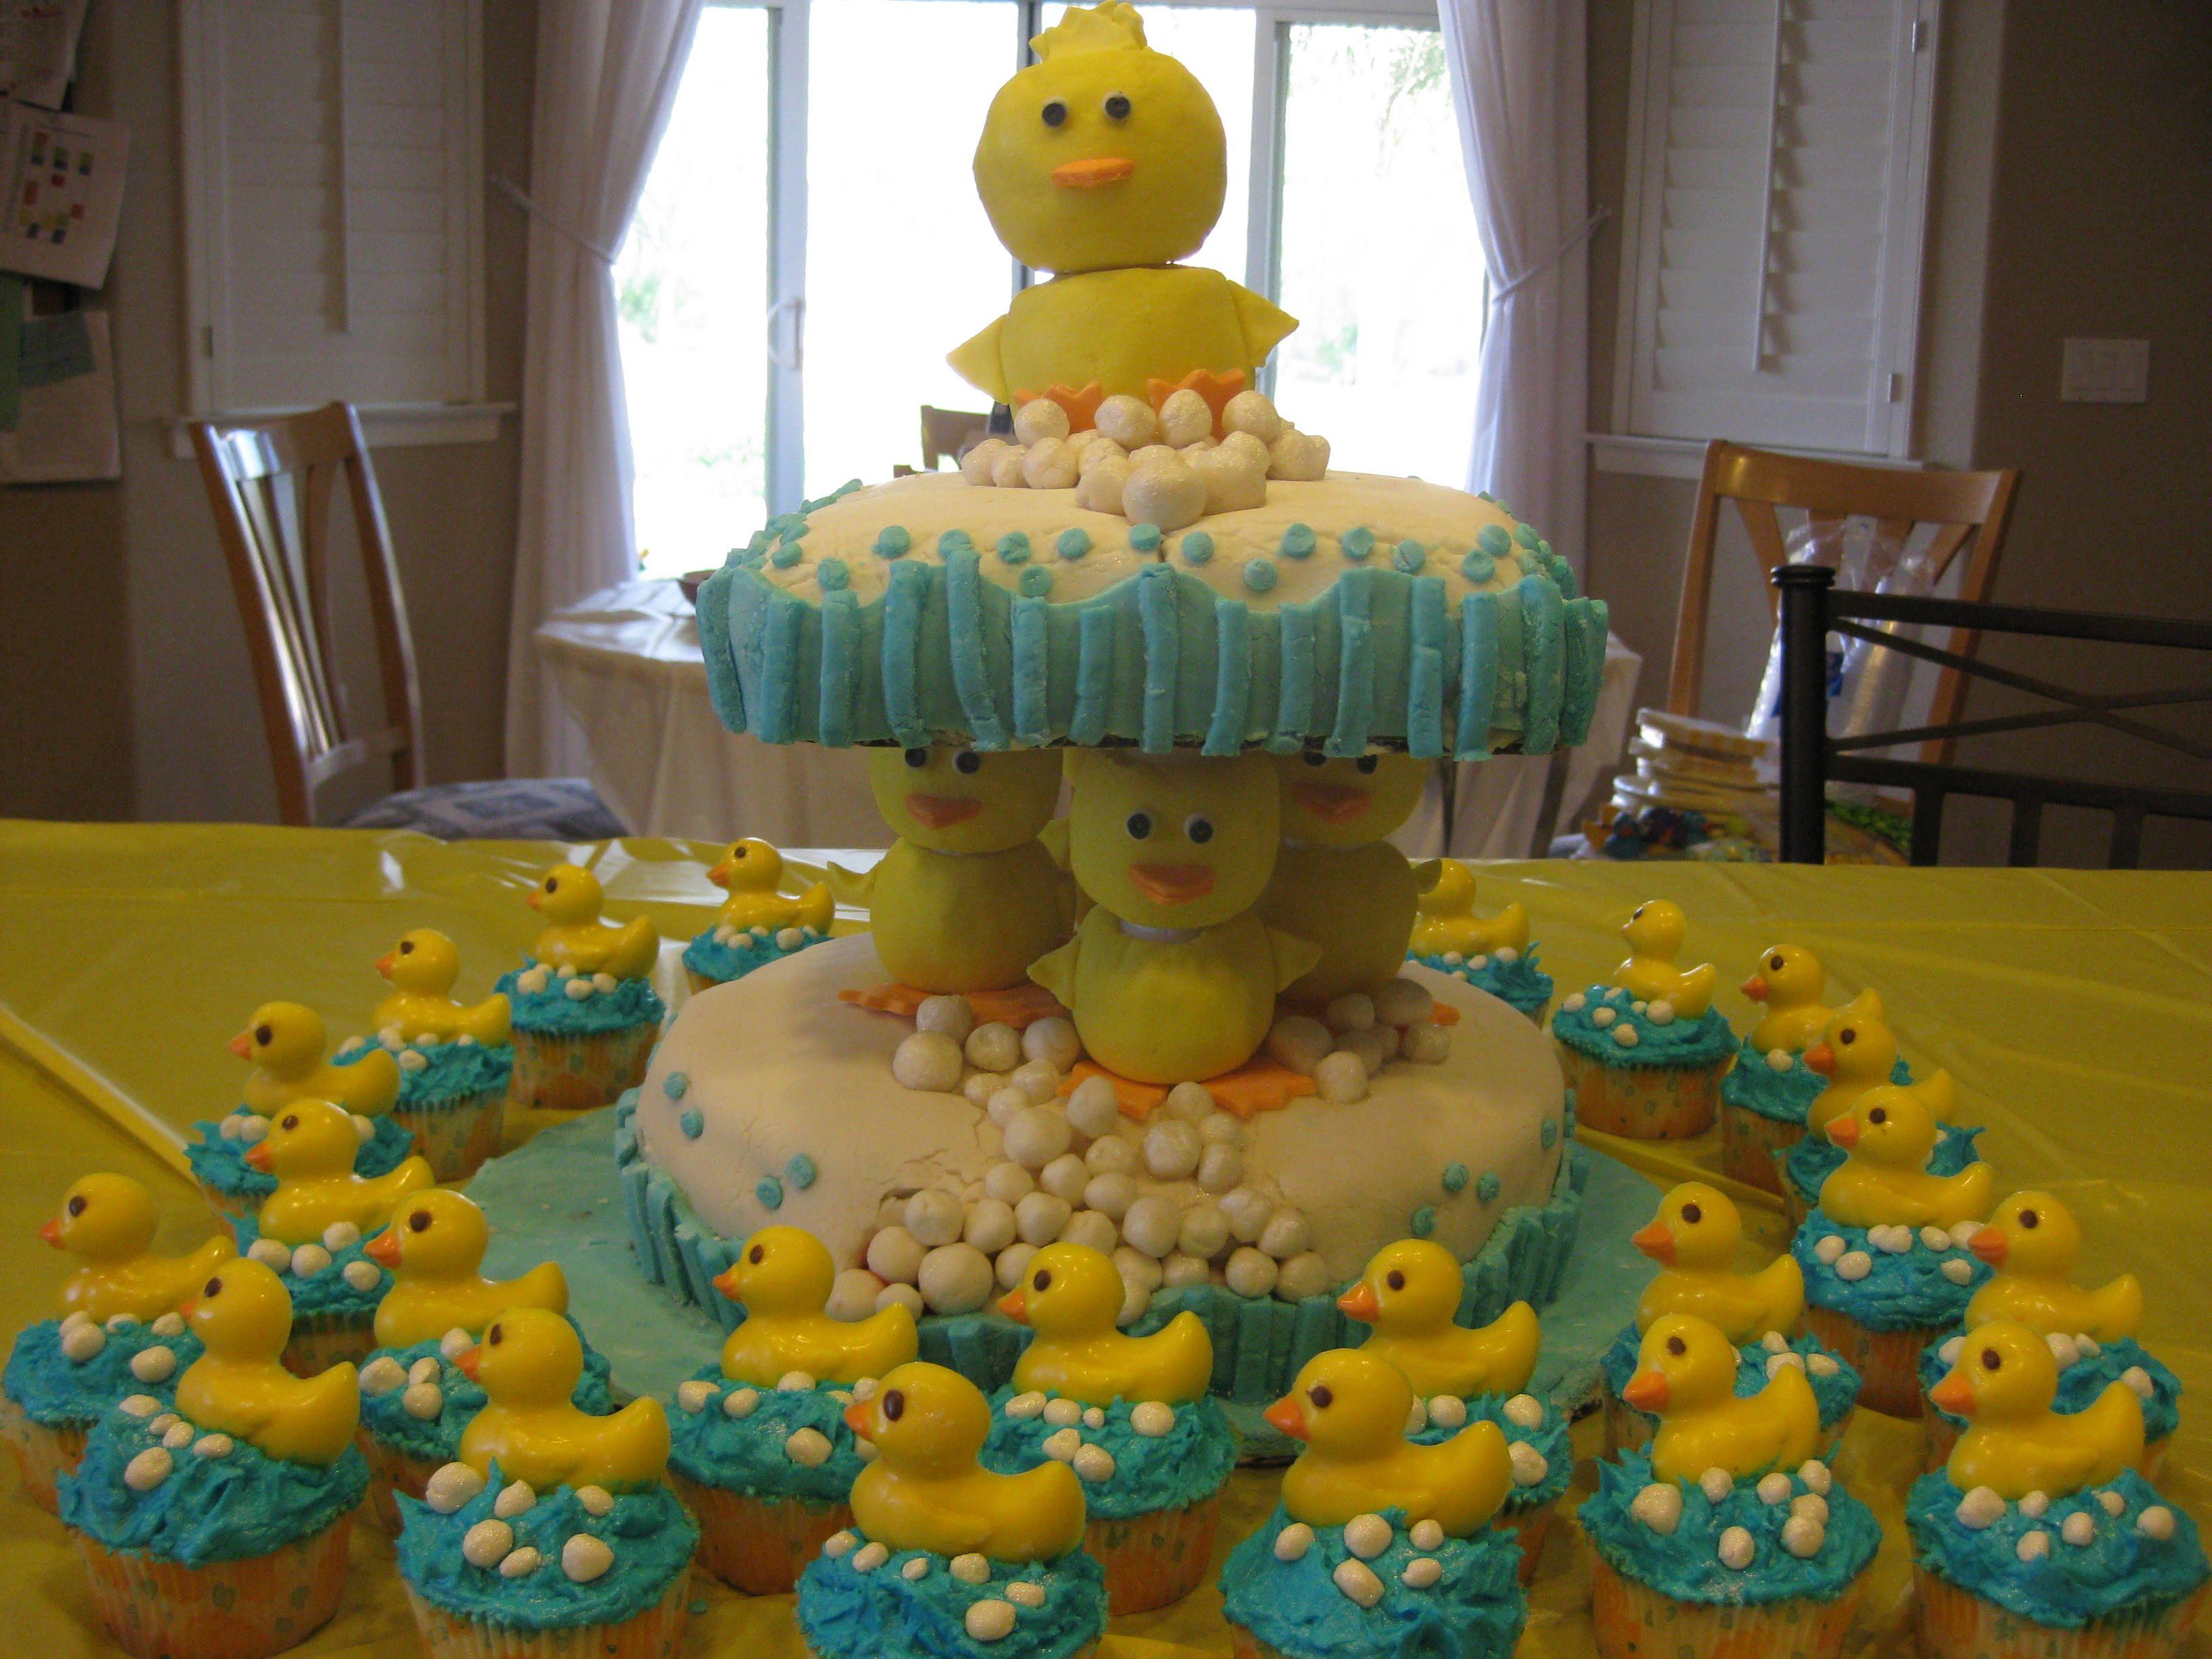 Rubber duck baby shower cake Babyshower Cakes Pinterest